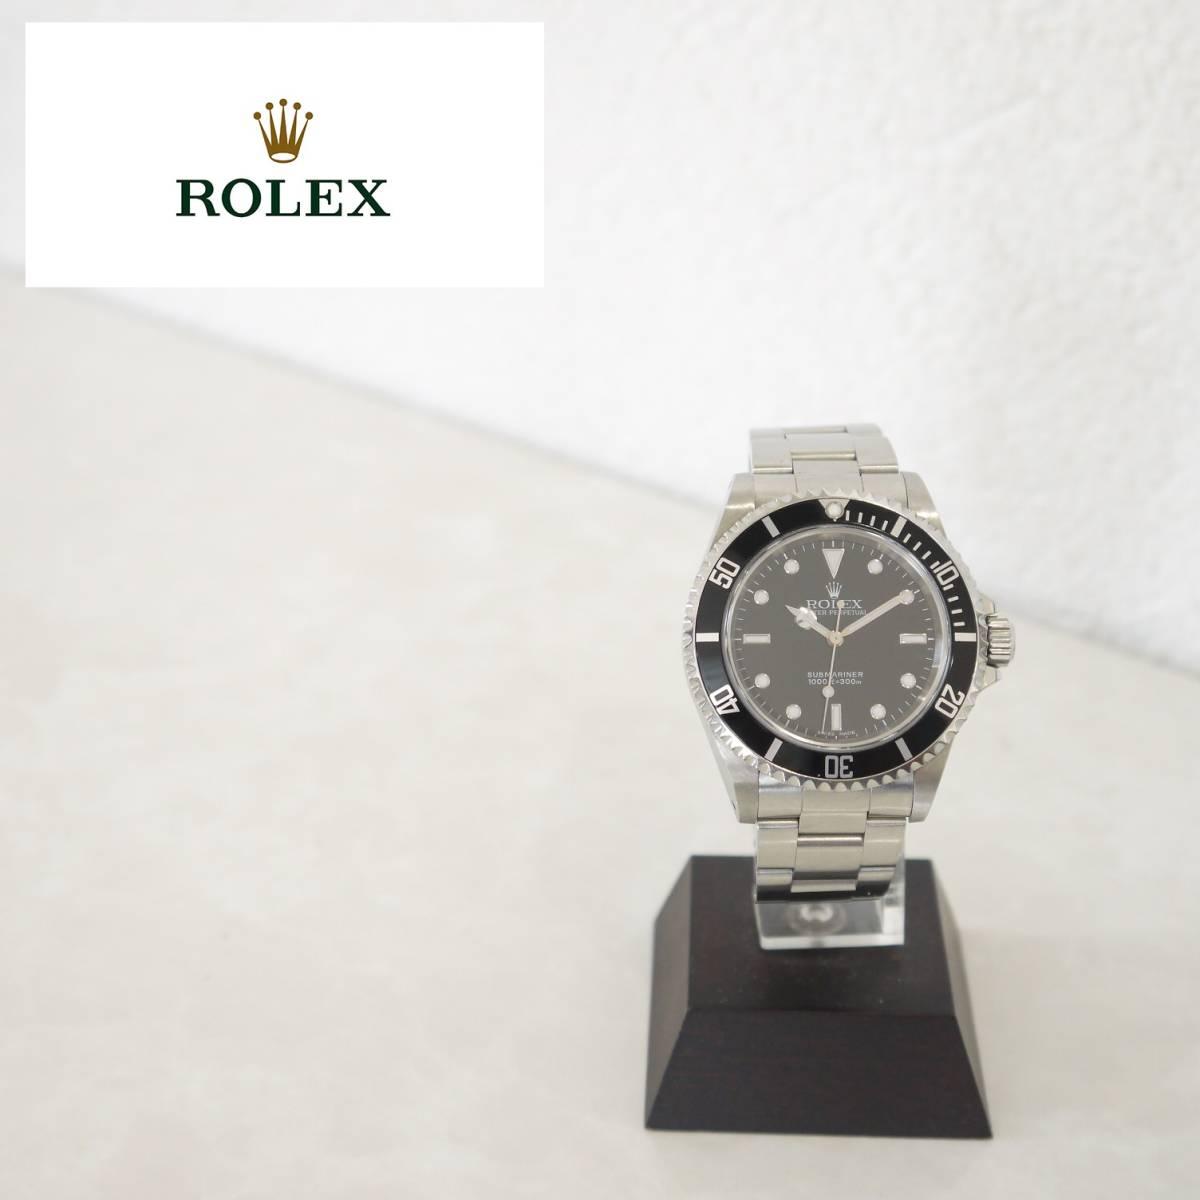 早い者勝ち!! 100%正規品 ROLEX ロレックス サブマリーナ メンズ 自動巻き 腕時計 オートマ 14060M ブラック 黒